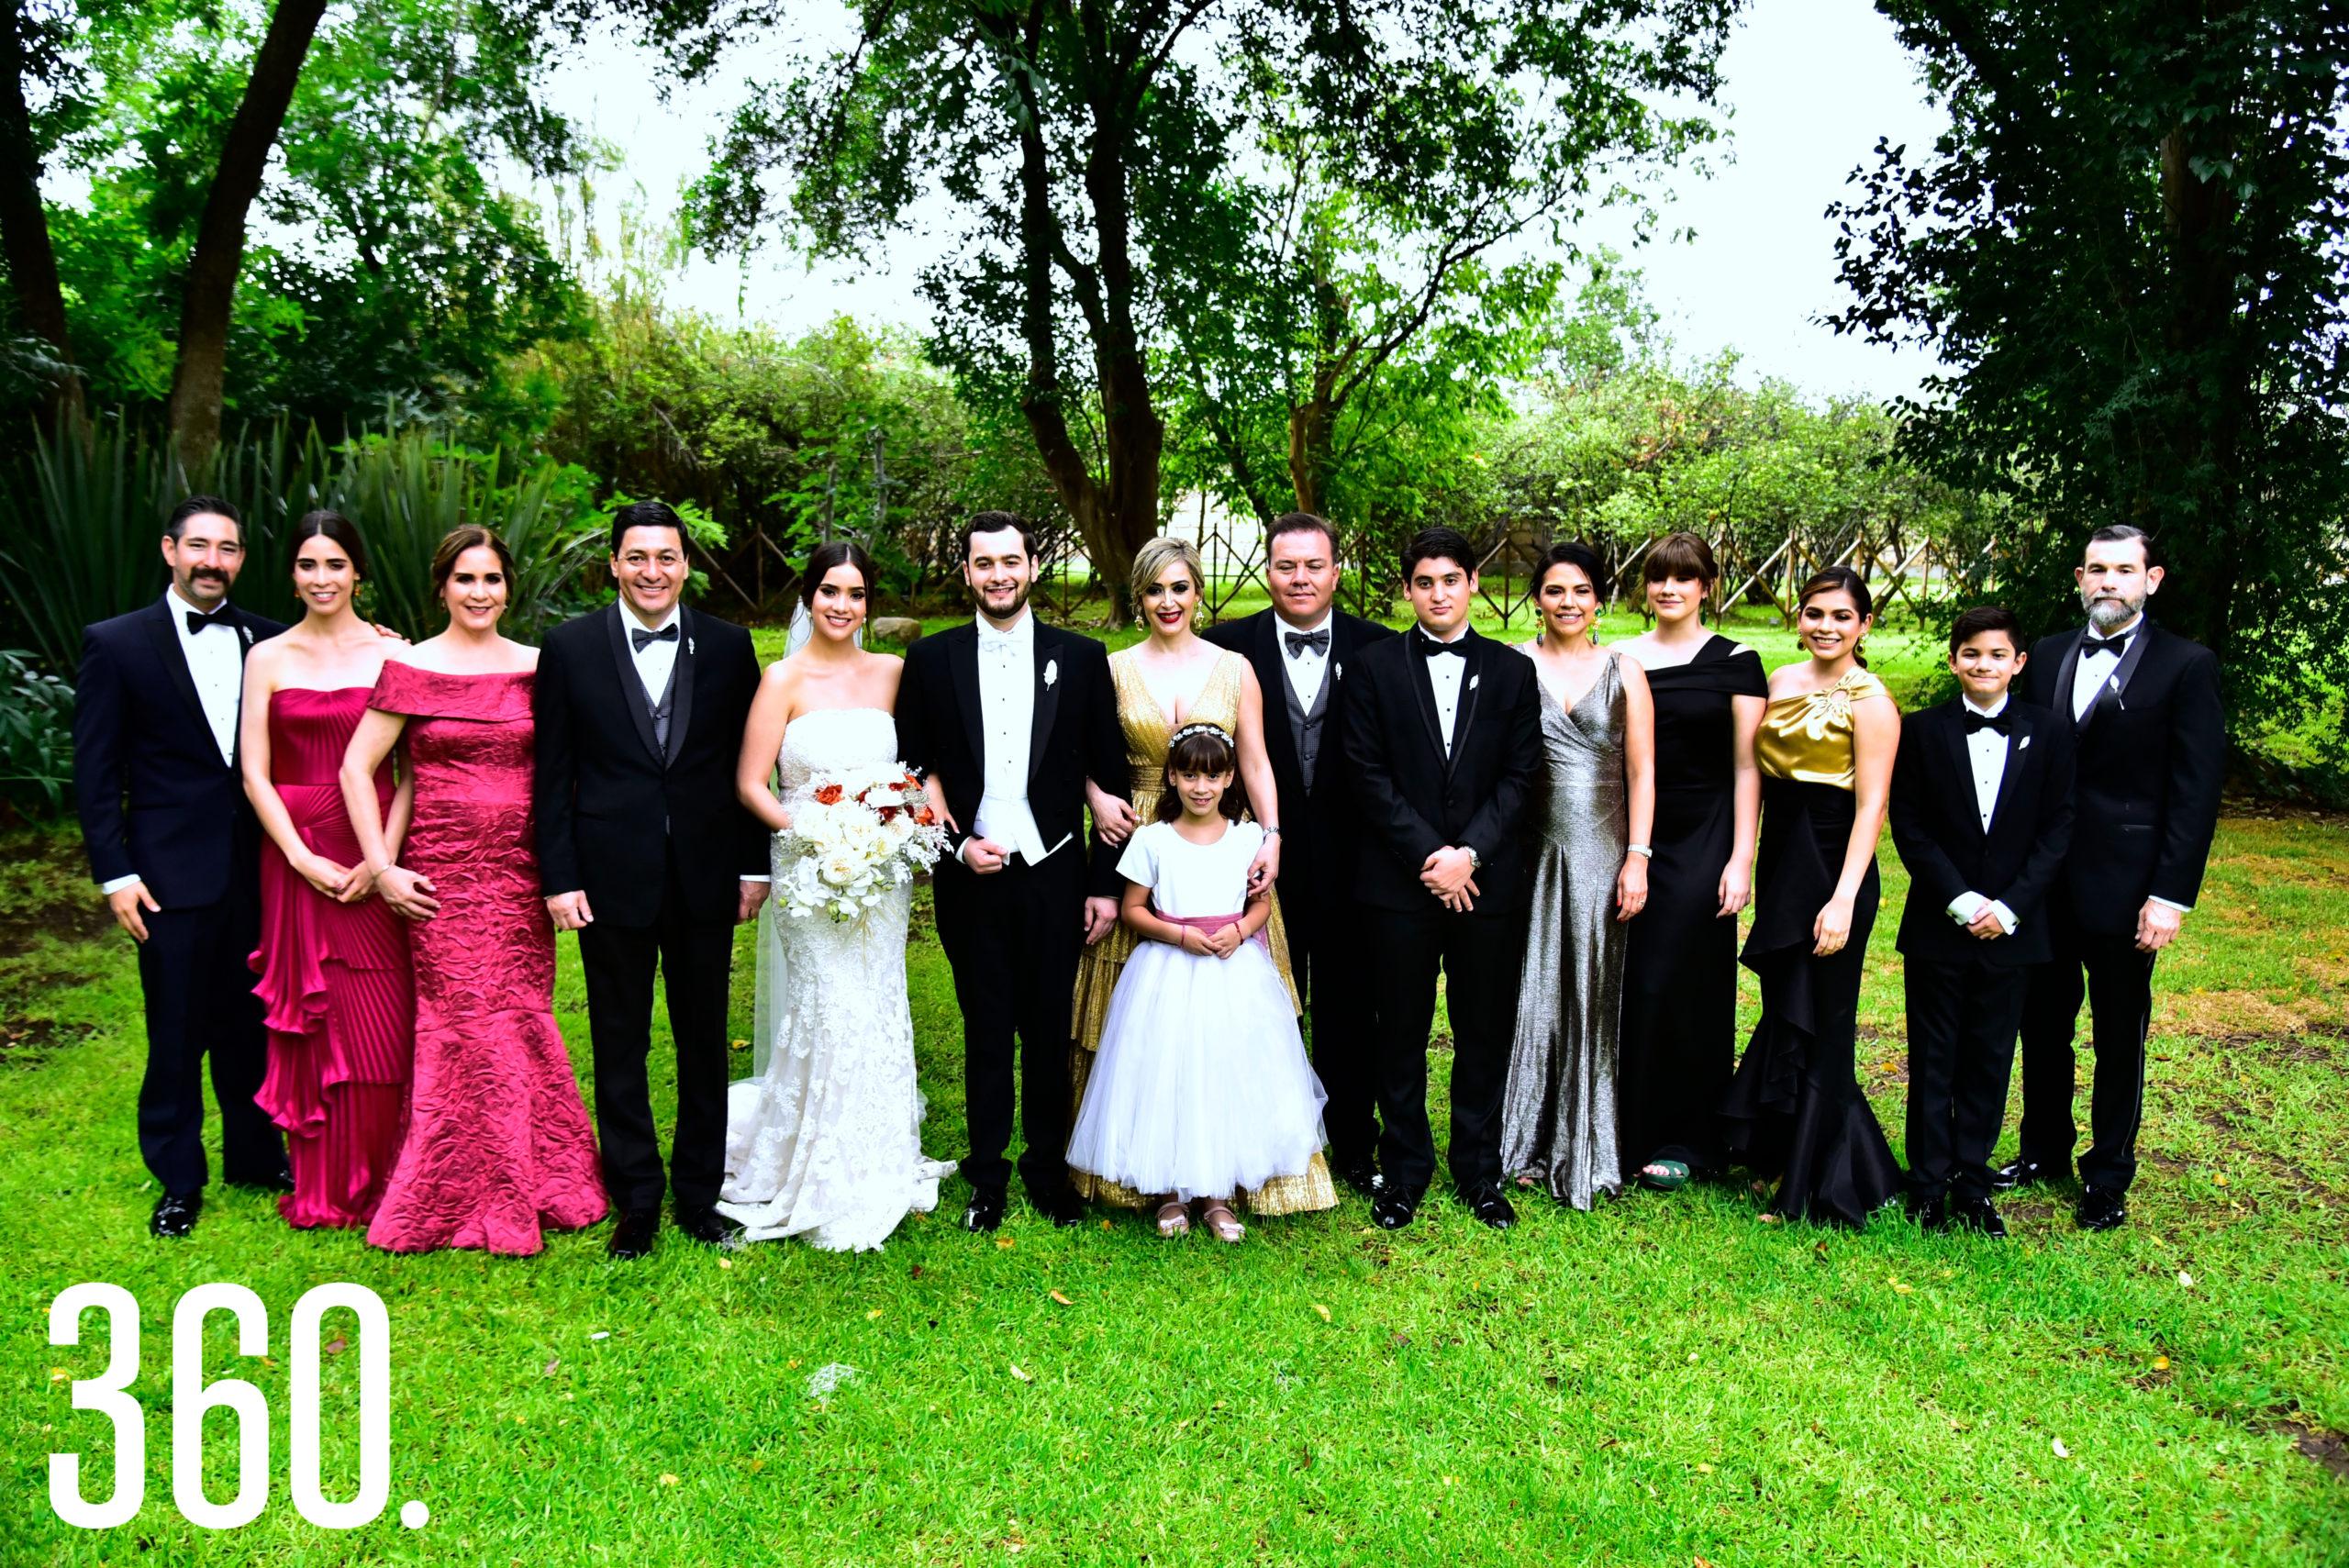 Las familias Chávez Gómez y Del Río Abundis acompañados de los novios.